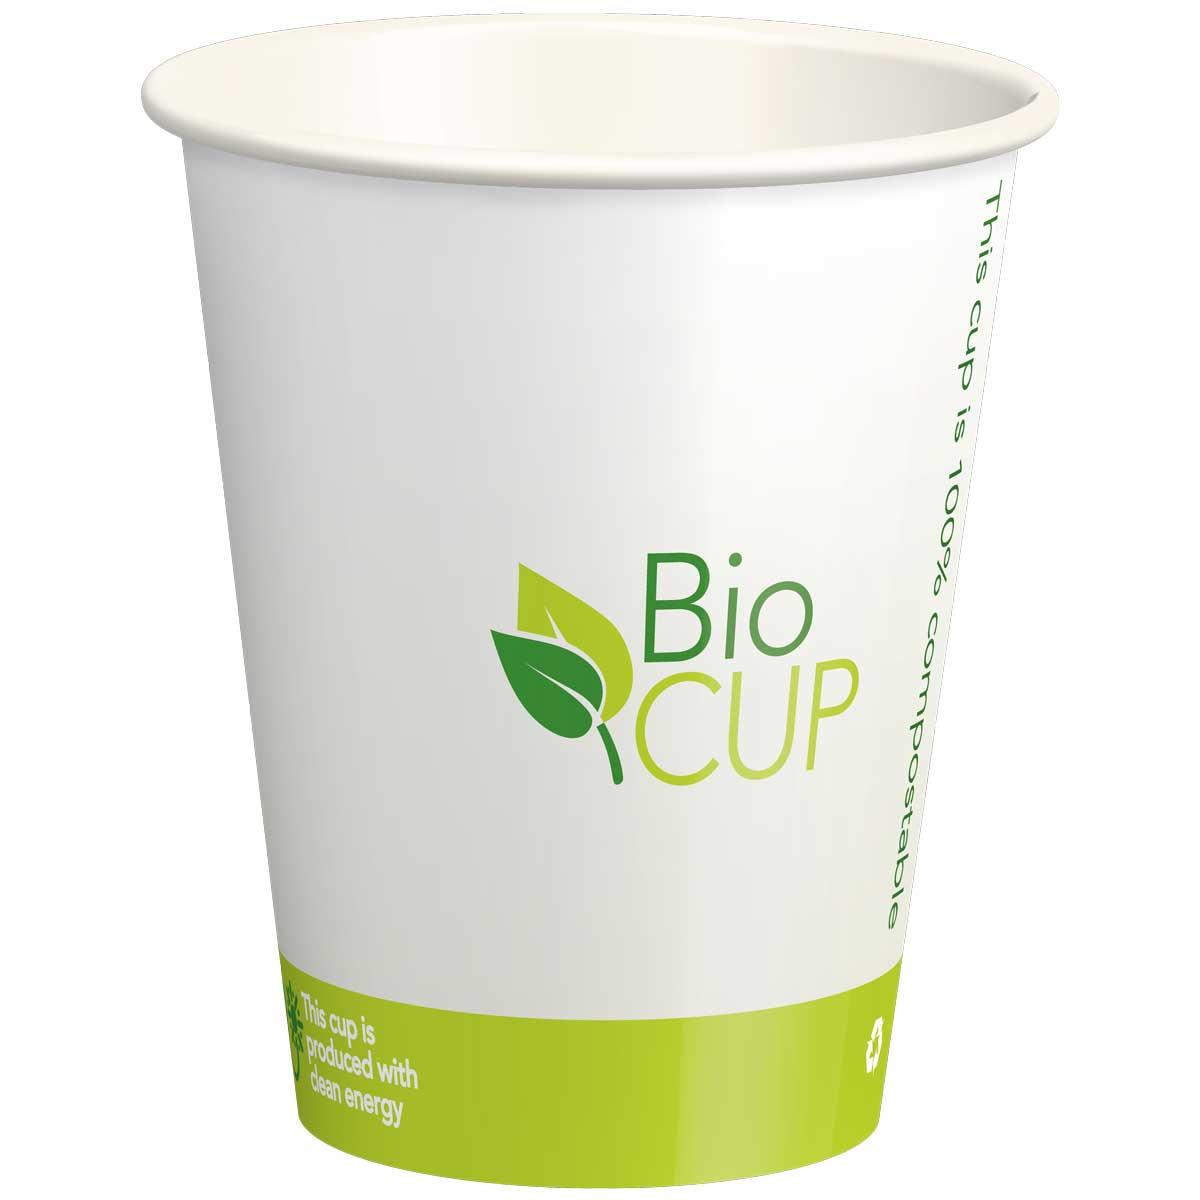 כוסות נייר אקולוגיות BioCUP - קרטון 1000 כוסות